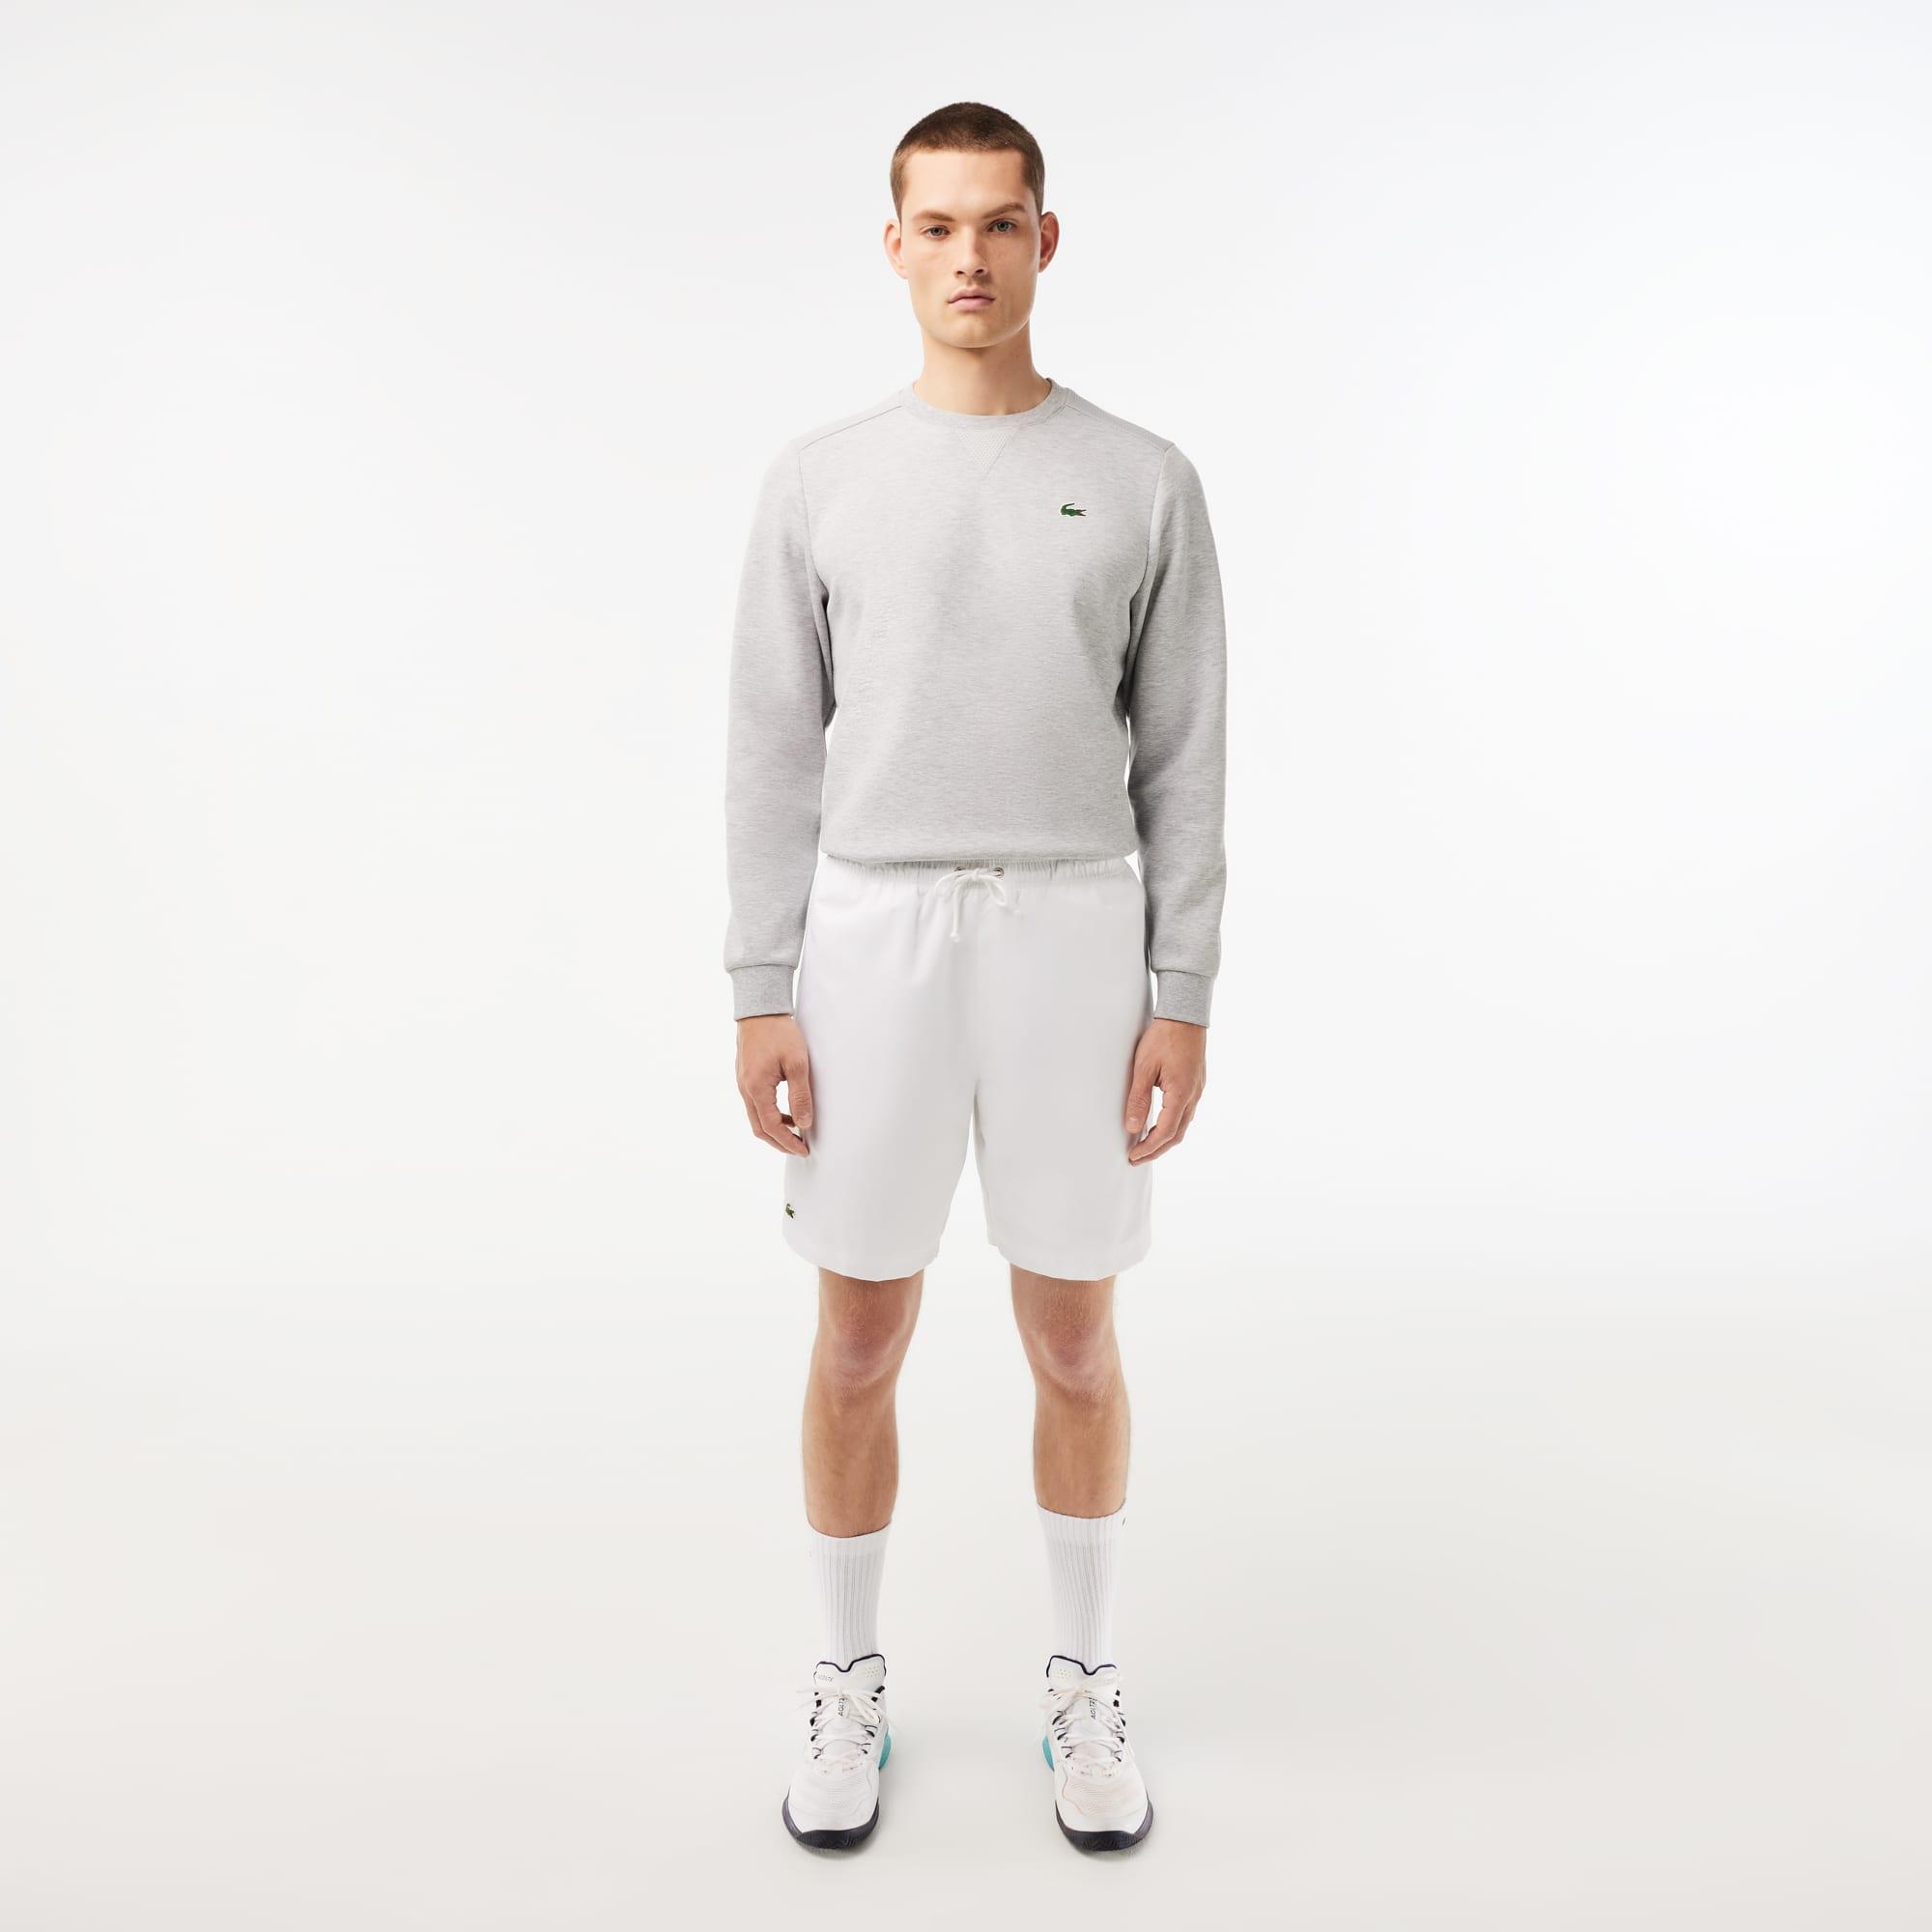 Pantalón Corto Tenis Lacoste Sport